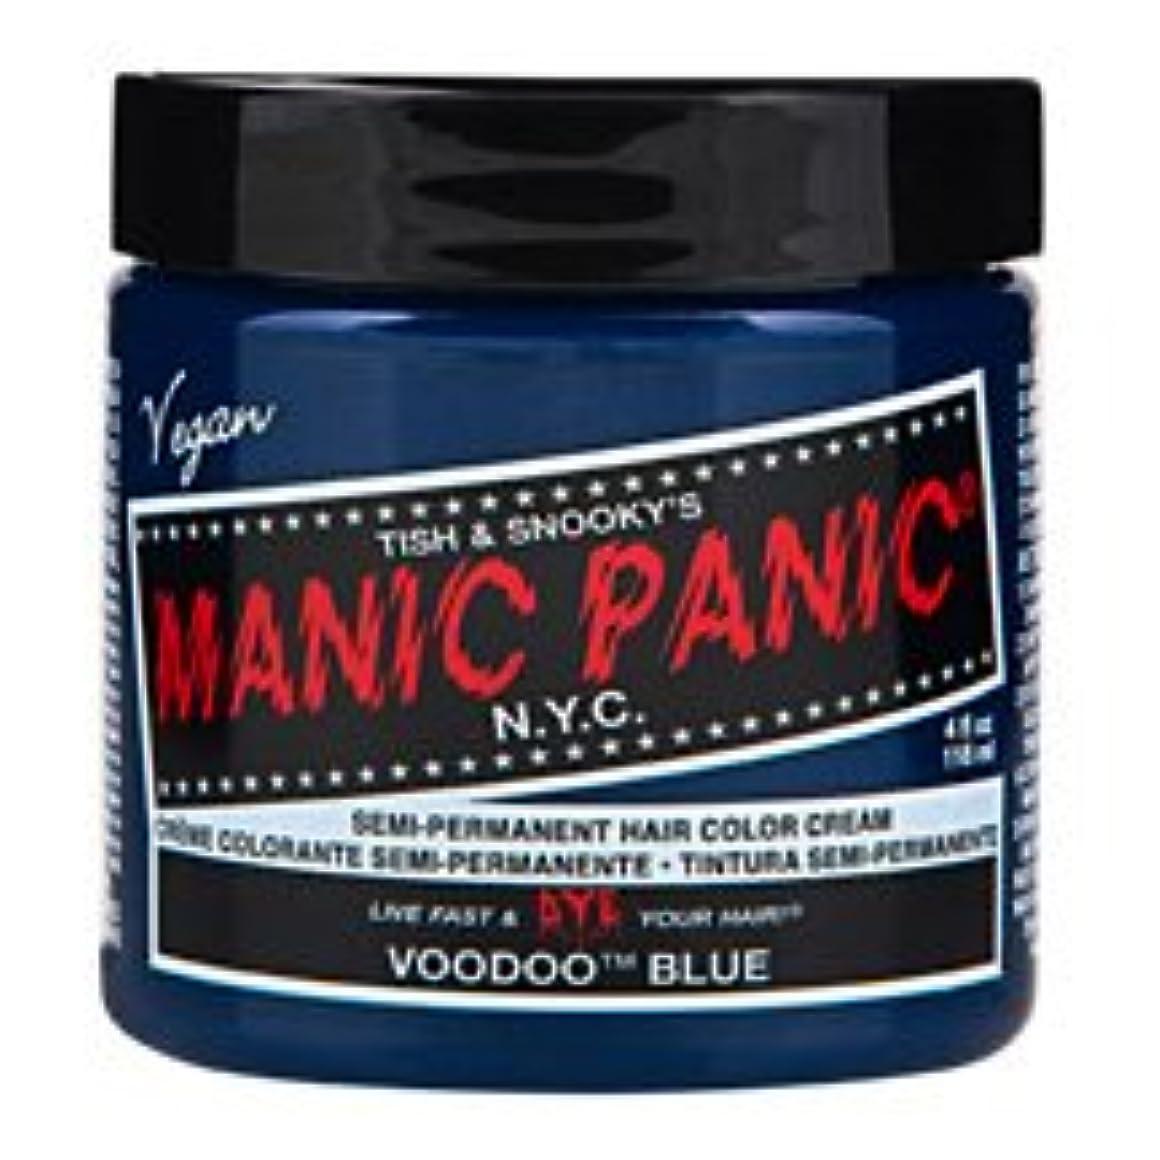 検出器鬼ごっこ有料スペシャルセットMANIC PANICマニックパニック:Voodoo Blue (ブゥードゥーブルー)+ヘアカラーケア4点セット